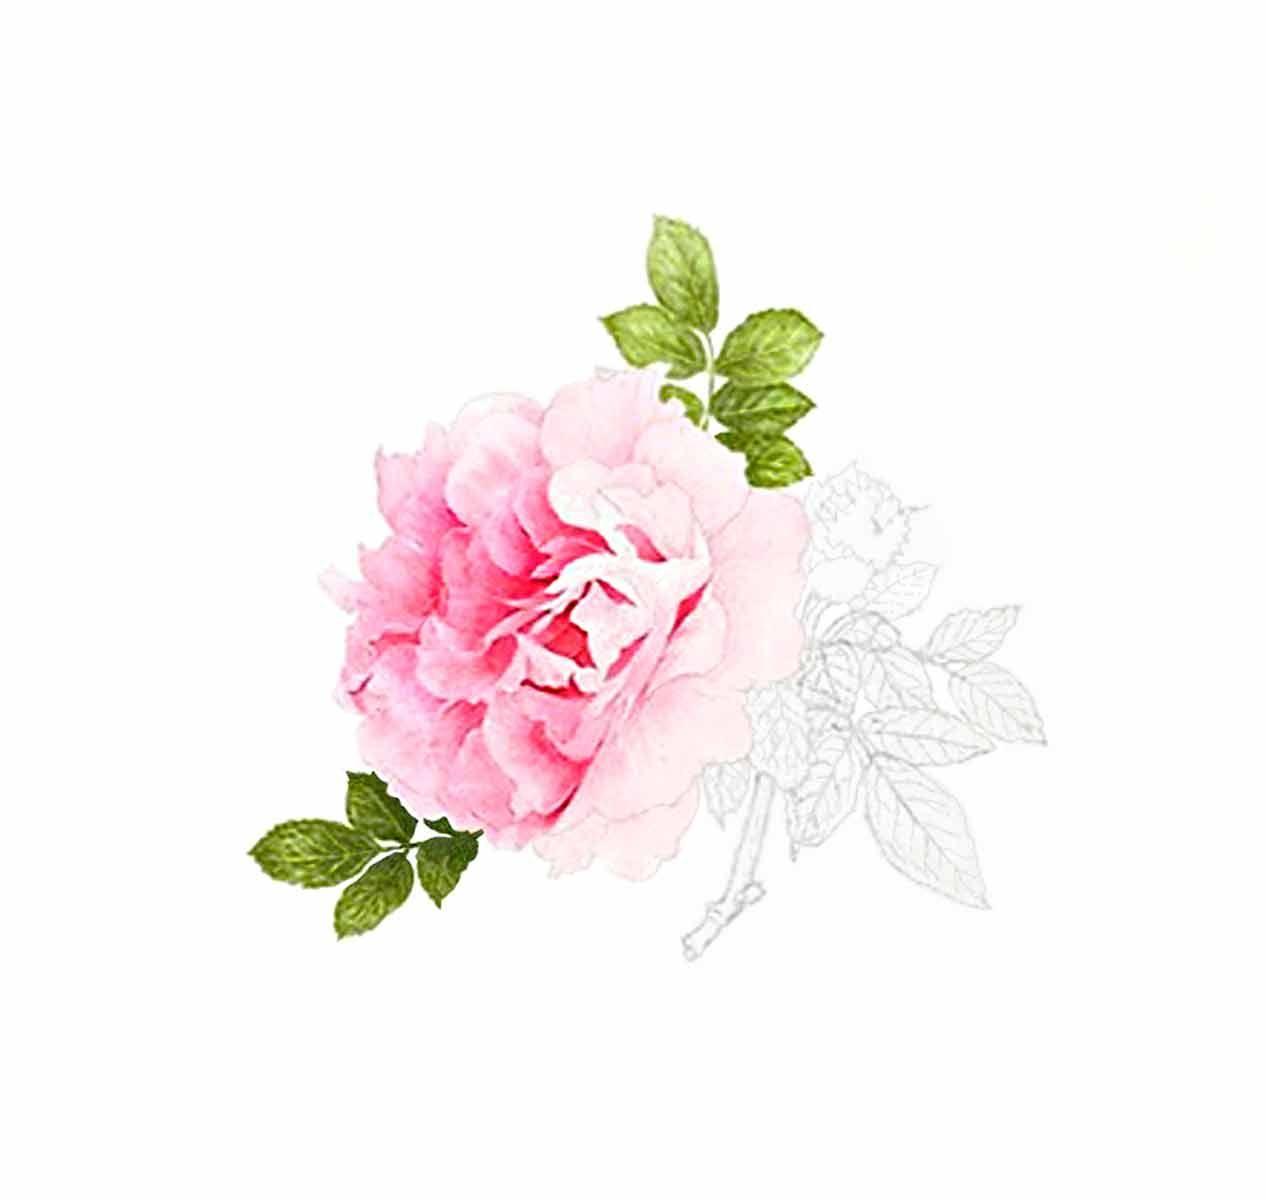 Epingle Par Huyenkhanhnguyen Sur Hinh Vui Aquarelle Fleurs